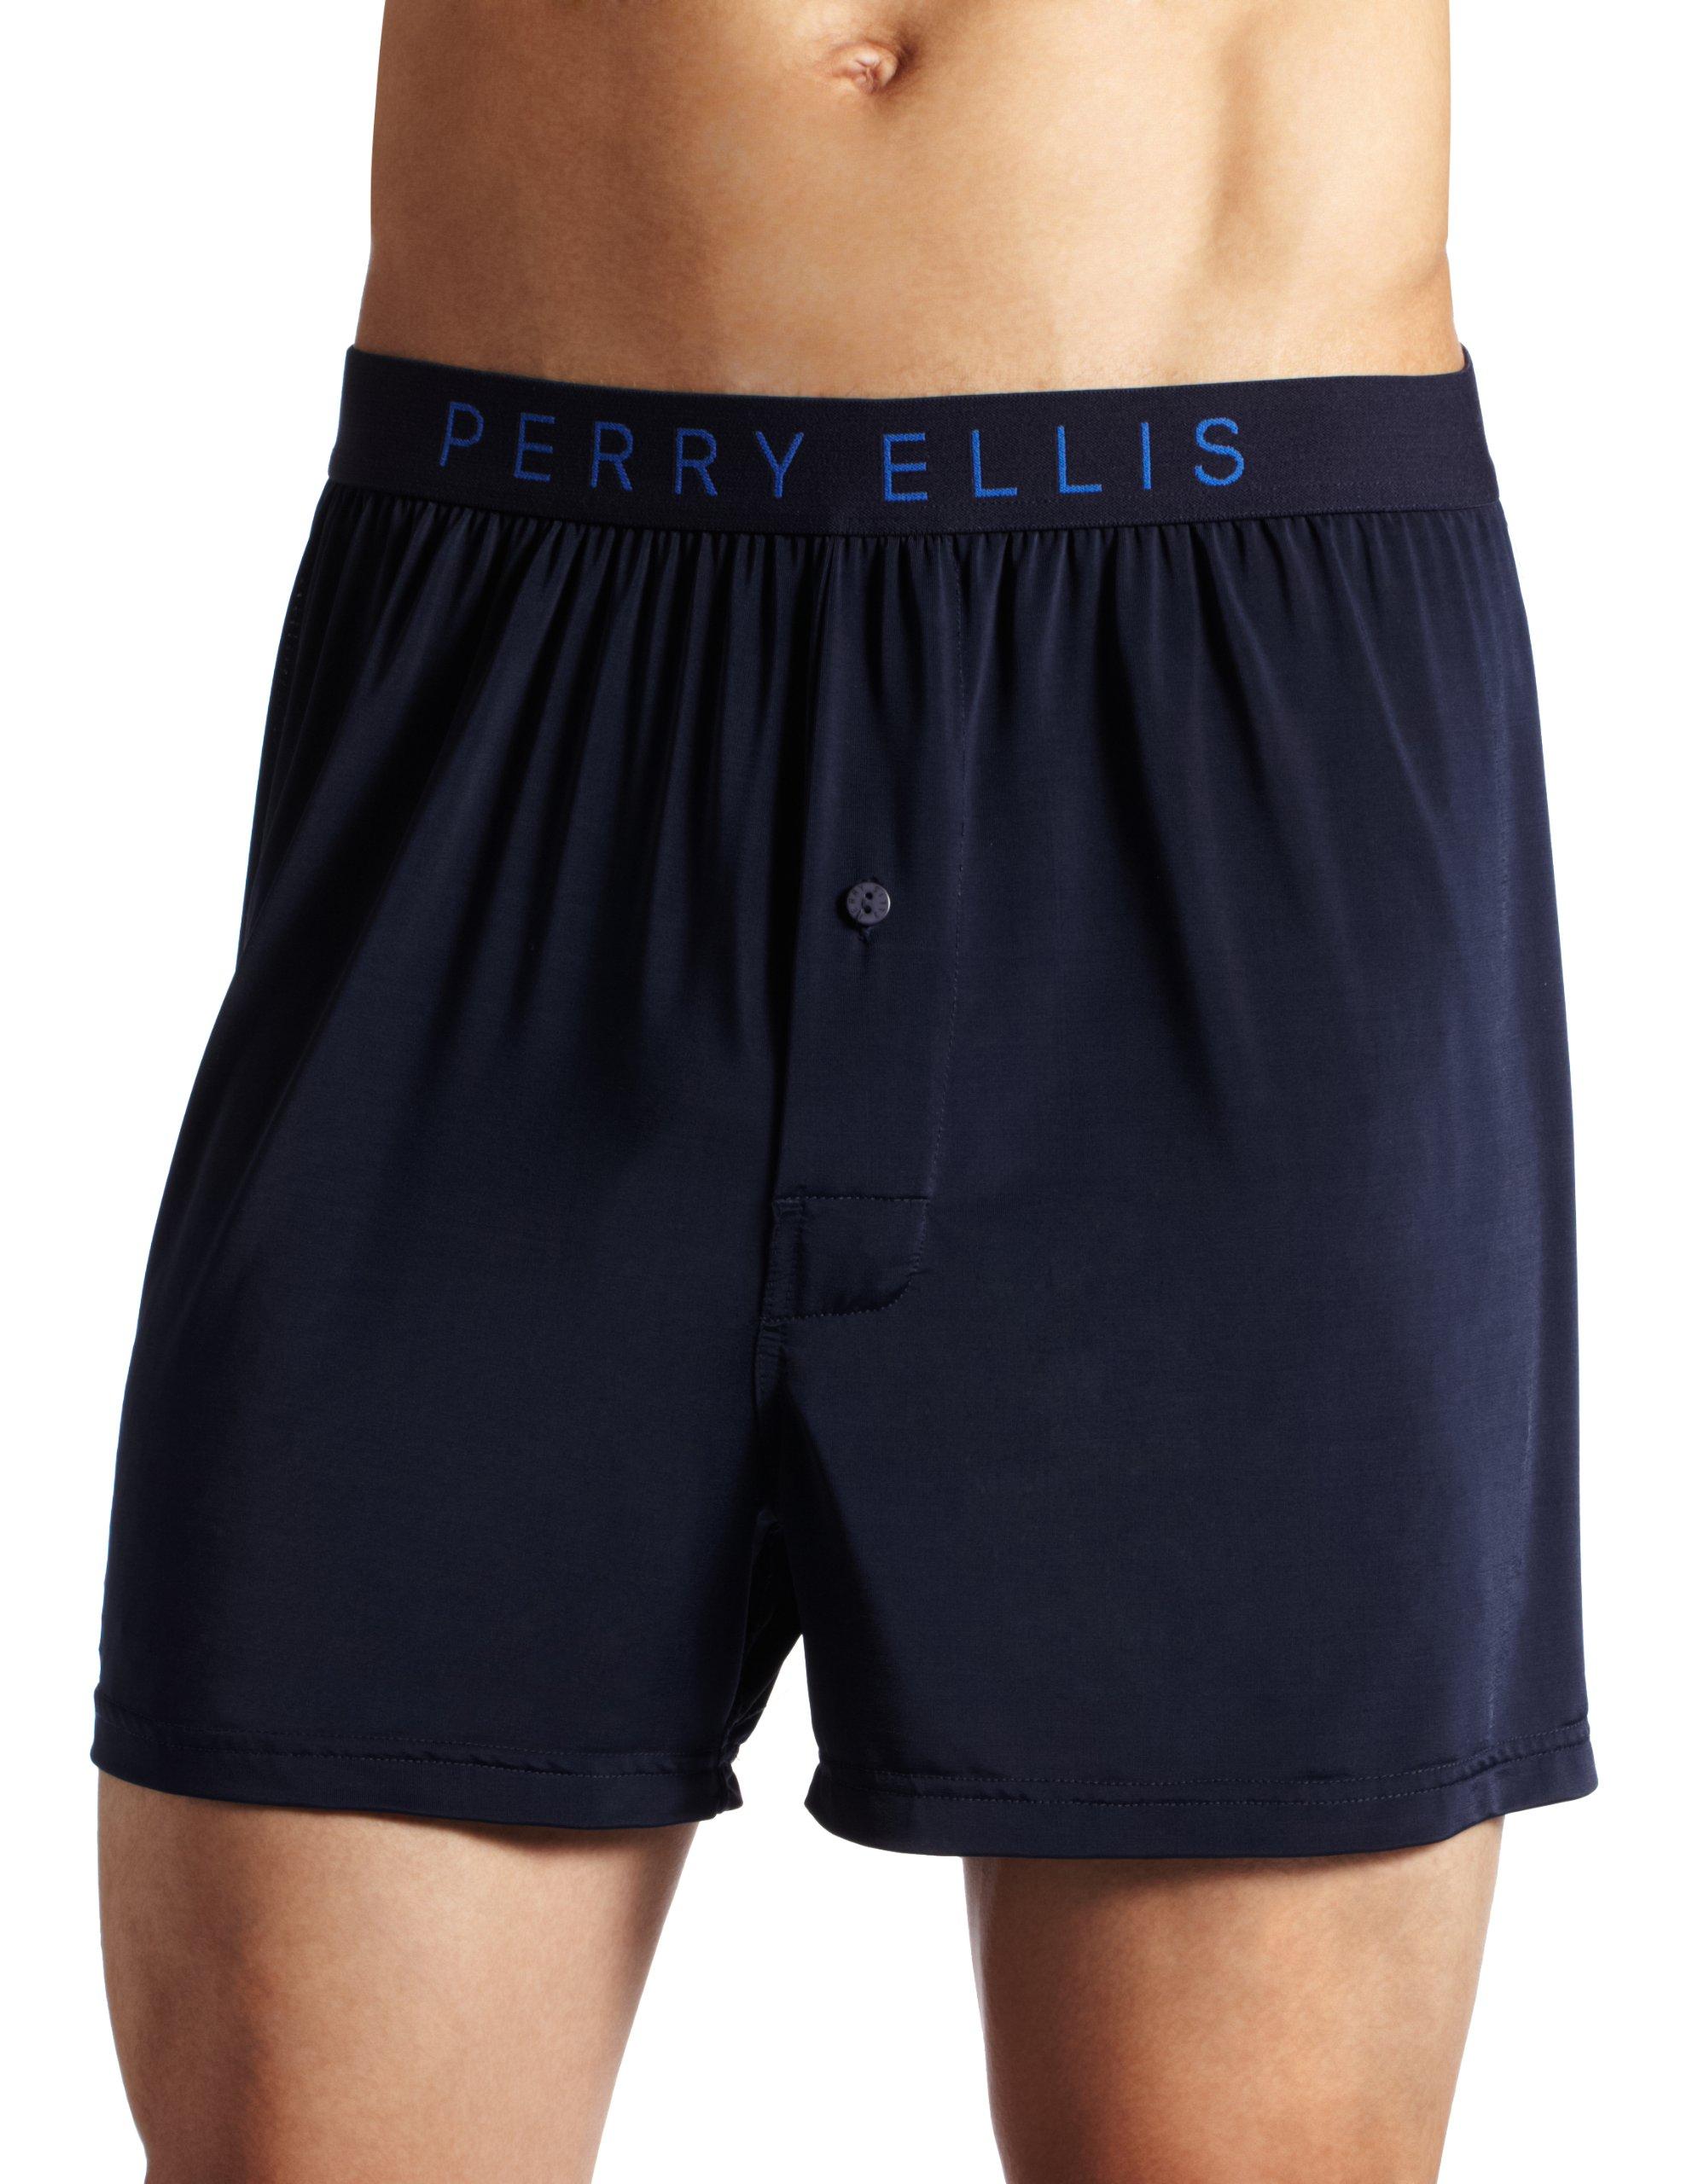 Perry Ellis Men's Luxe Solid Boxer, Navy, Medium